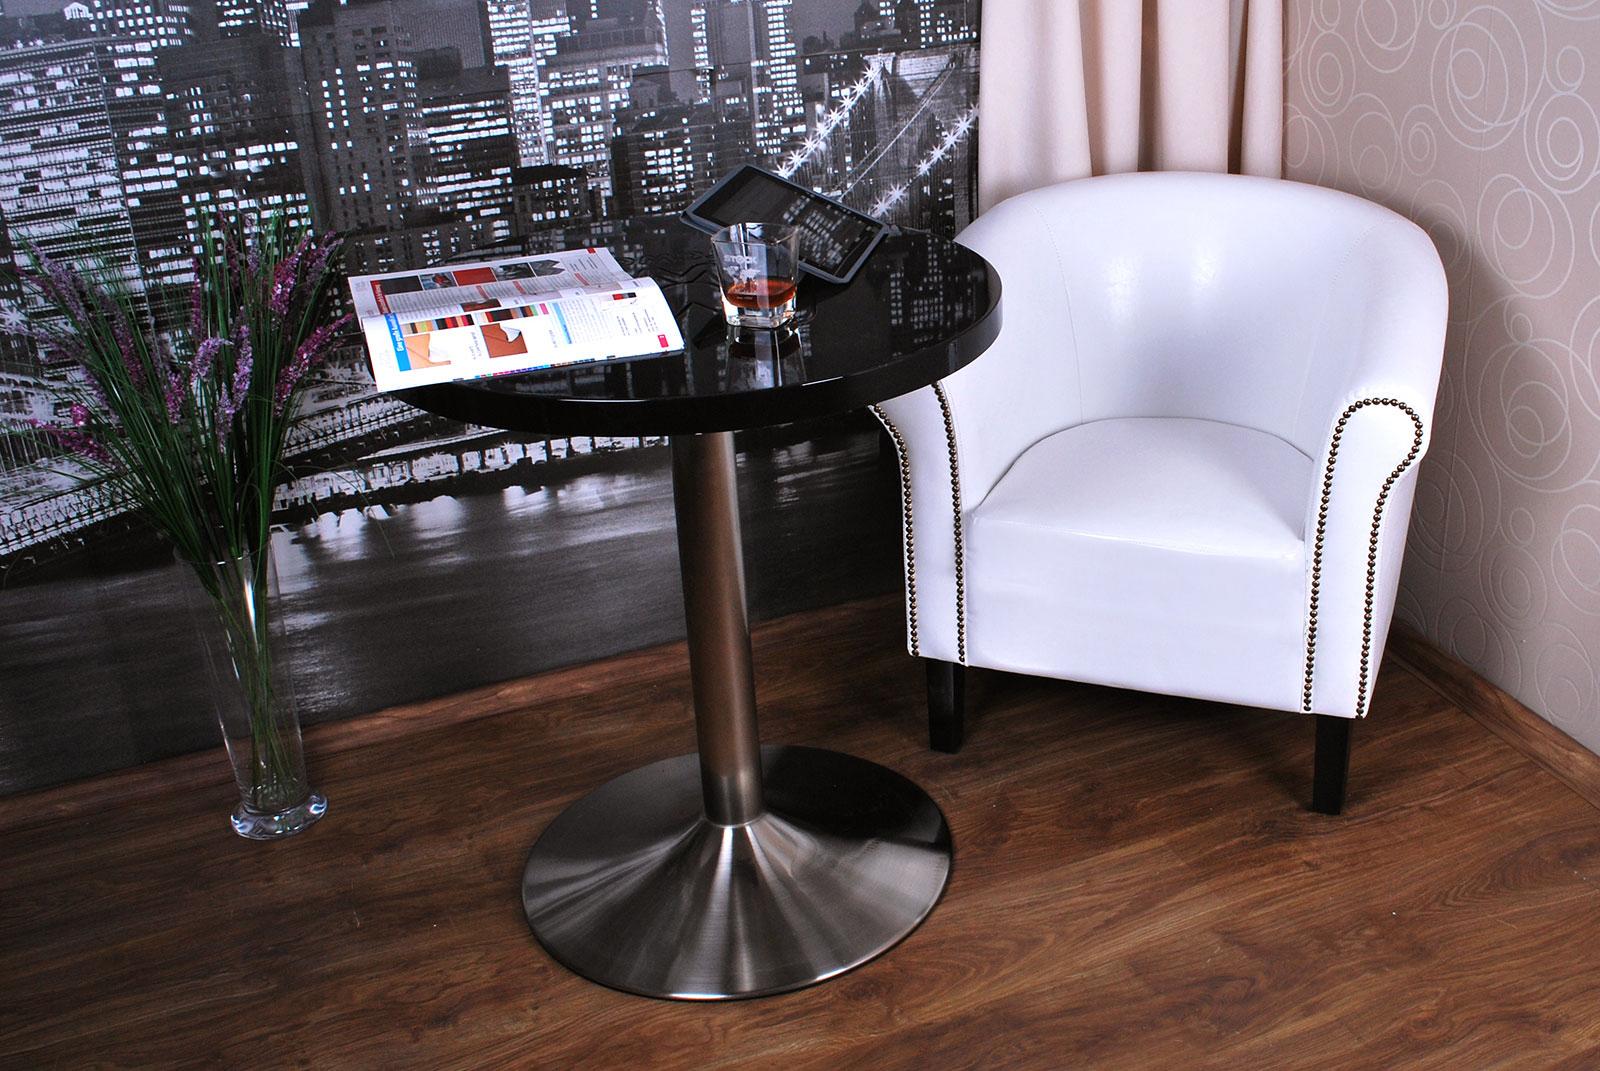 Full Size of Sessel Schlafzimmer Clubsessel Loungesessel Cocktailsessel Monaco 6 Farben Wandbilder Wandtattoo Betten Landhaus Komplett Massivholz Gardinen Landhausstil Schlafzimmer Sessel Schlafzimmer